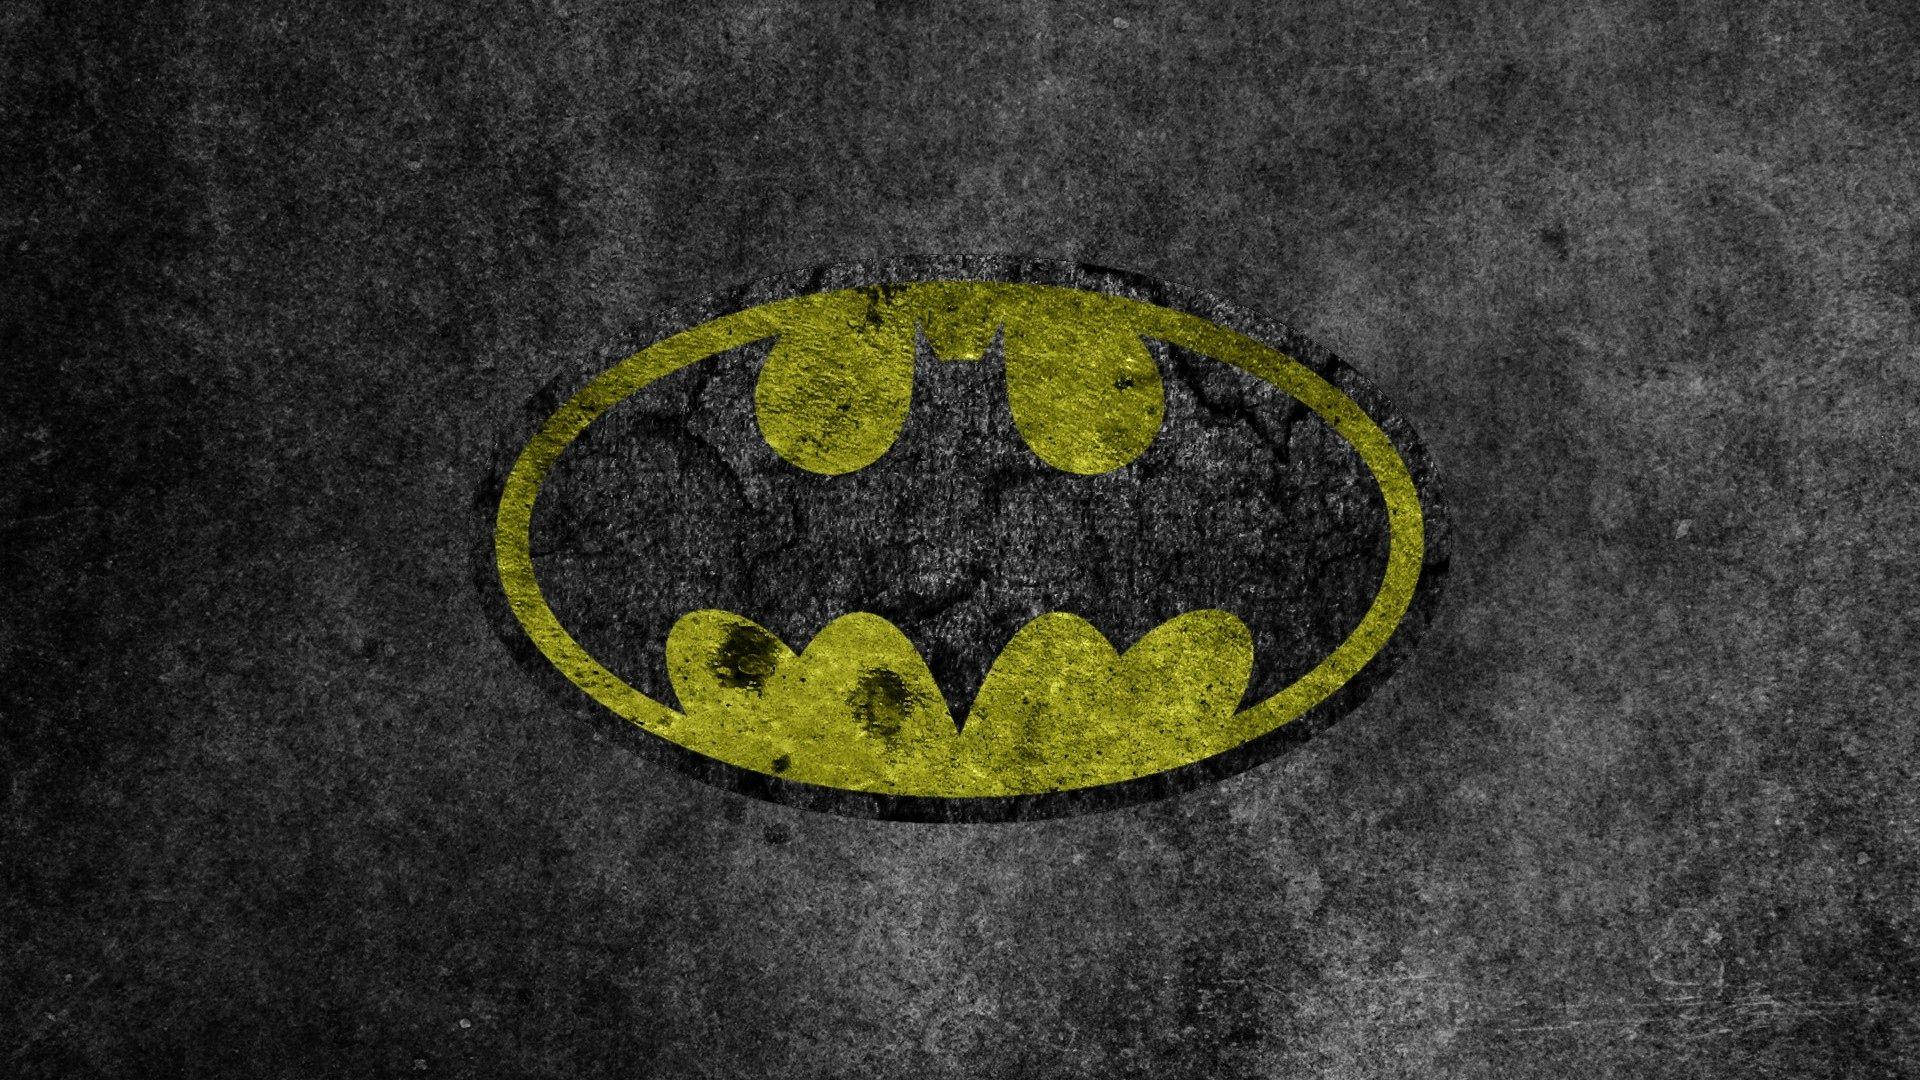 batman background hd, batman wallpaper android